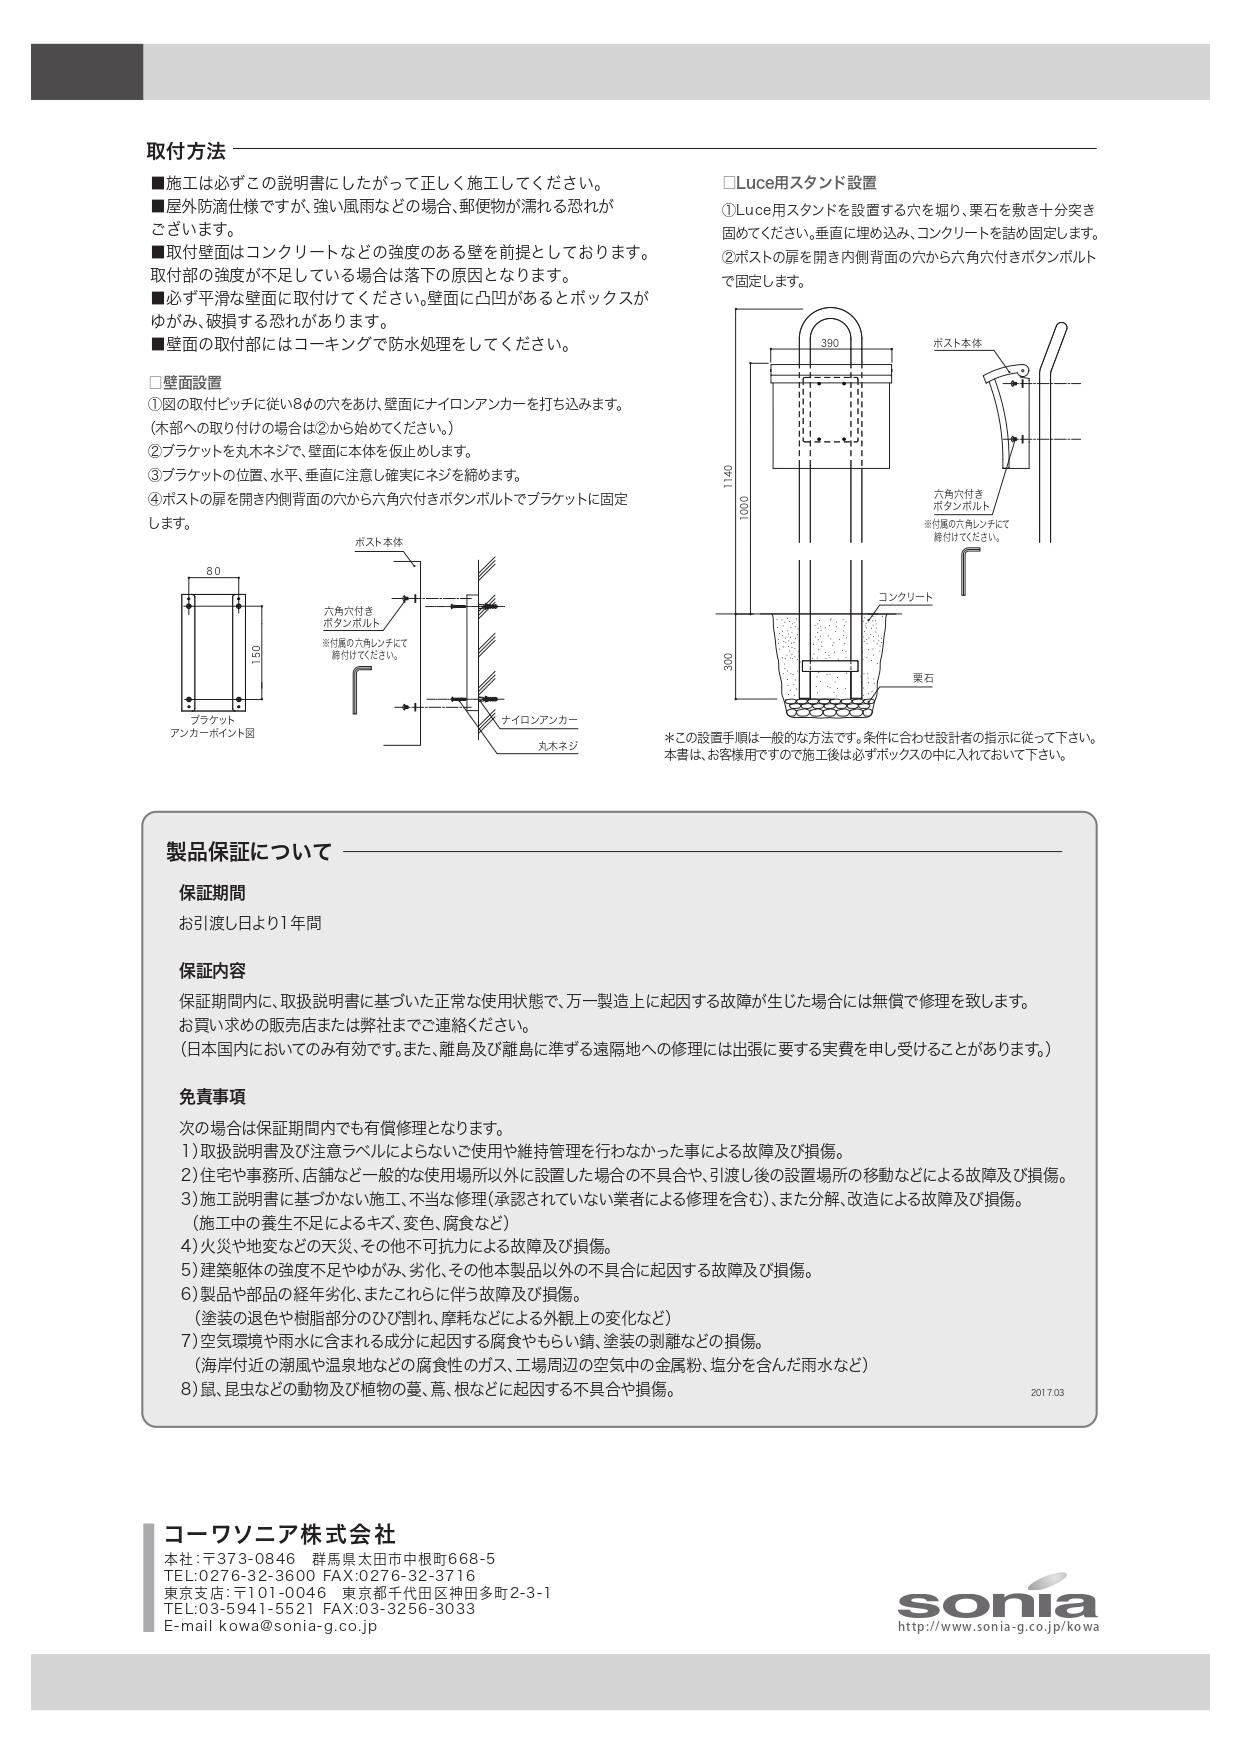 ルーチェ 施工説明書_page-0002